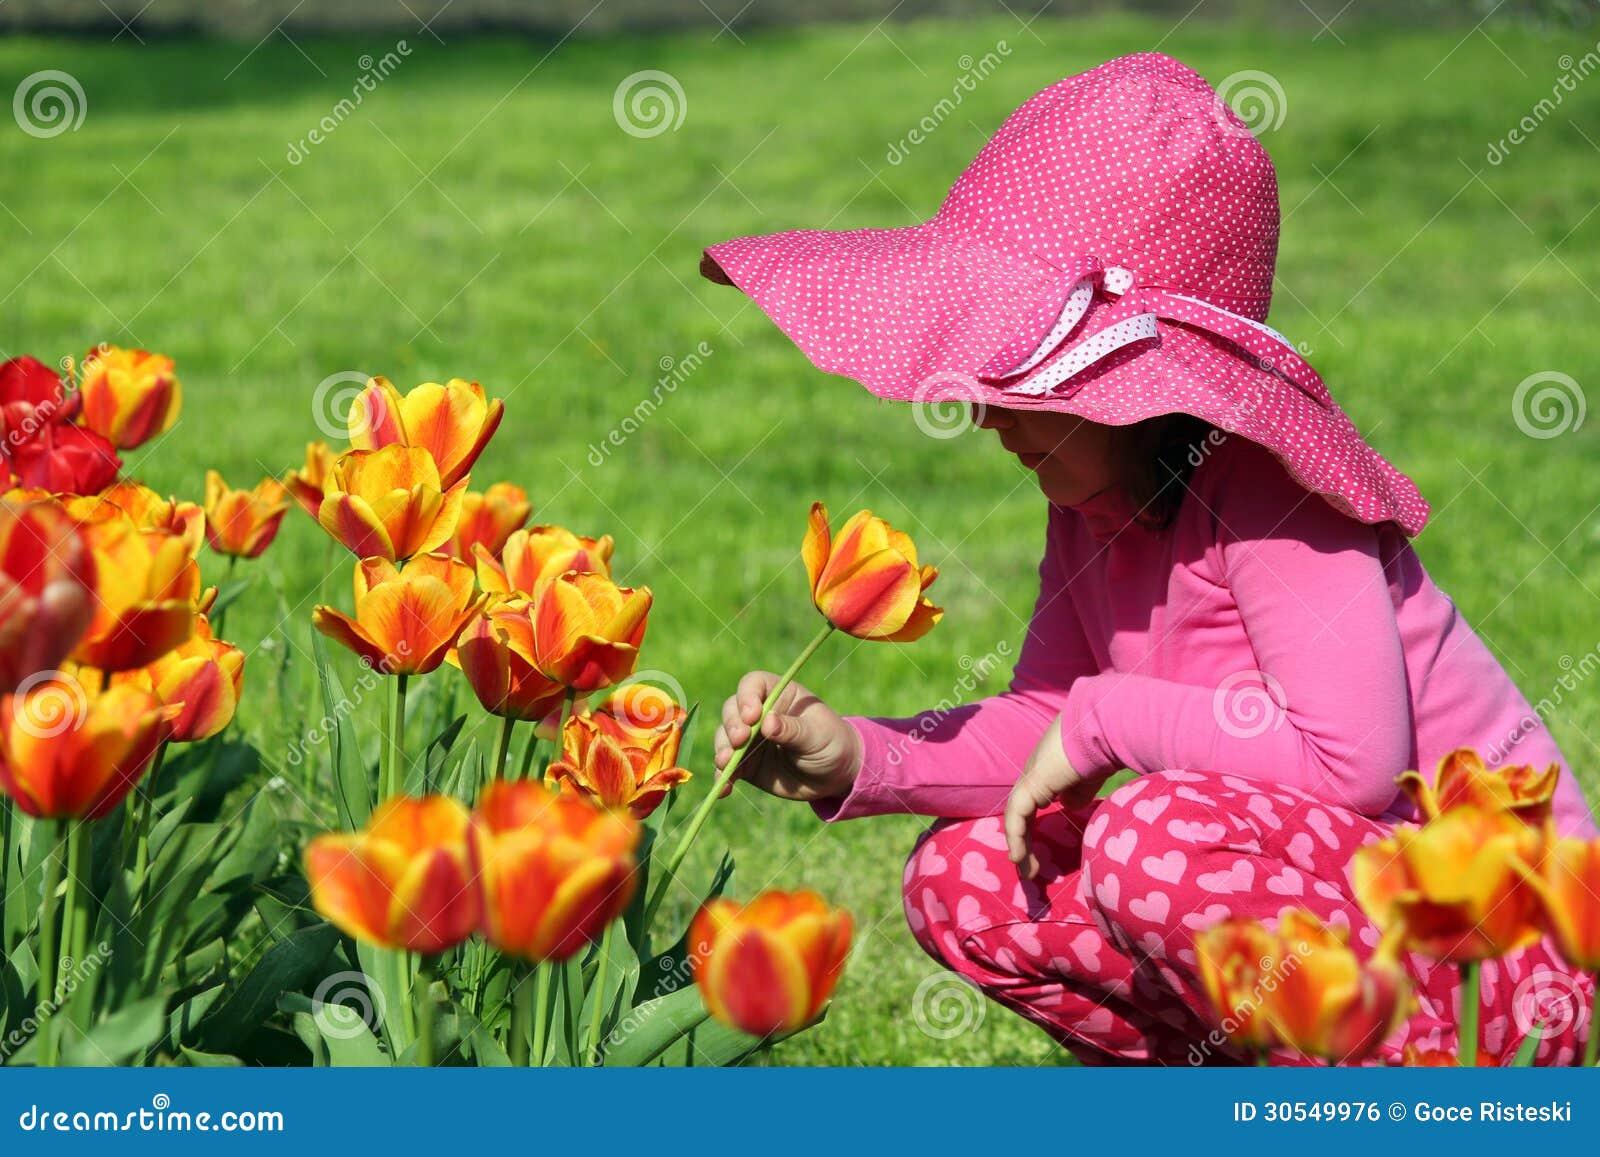 Little Girl Smell Tulip Flower Stock Photo Image Of Flower Sweet